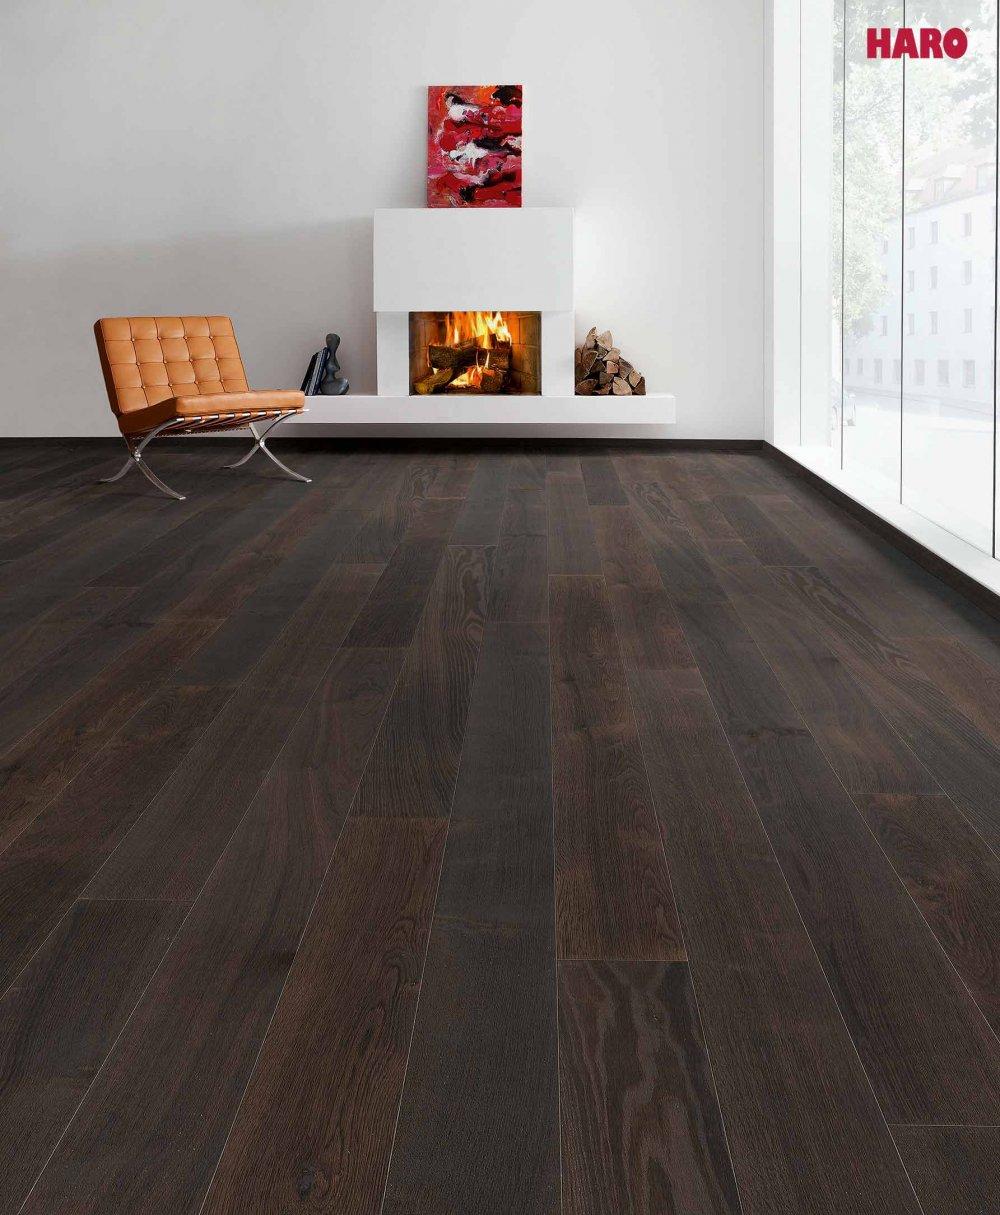 528674 haro parkett landhausdiele 4000 achateiche schwarz eiche strukturiert 4v fase naturalin. Black Bedroom Furniture Sets. Home Design Ideas